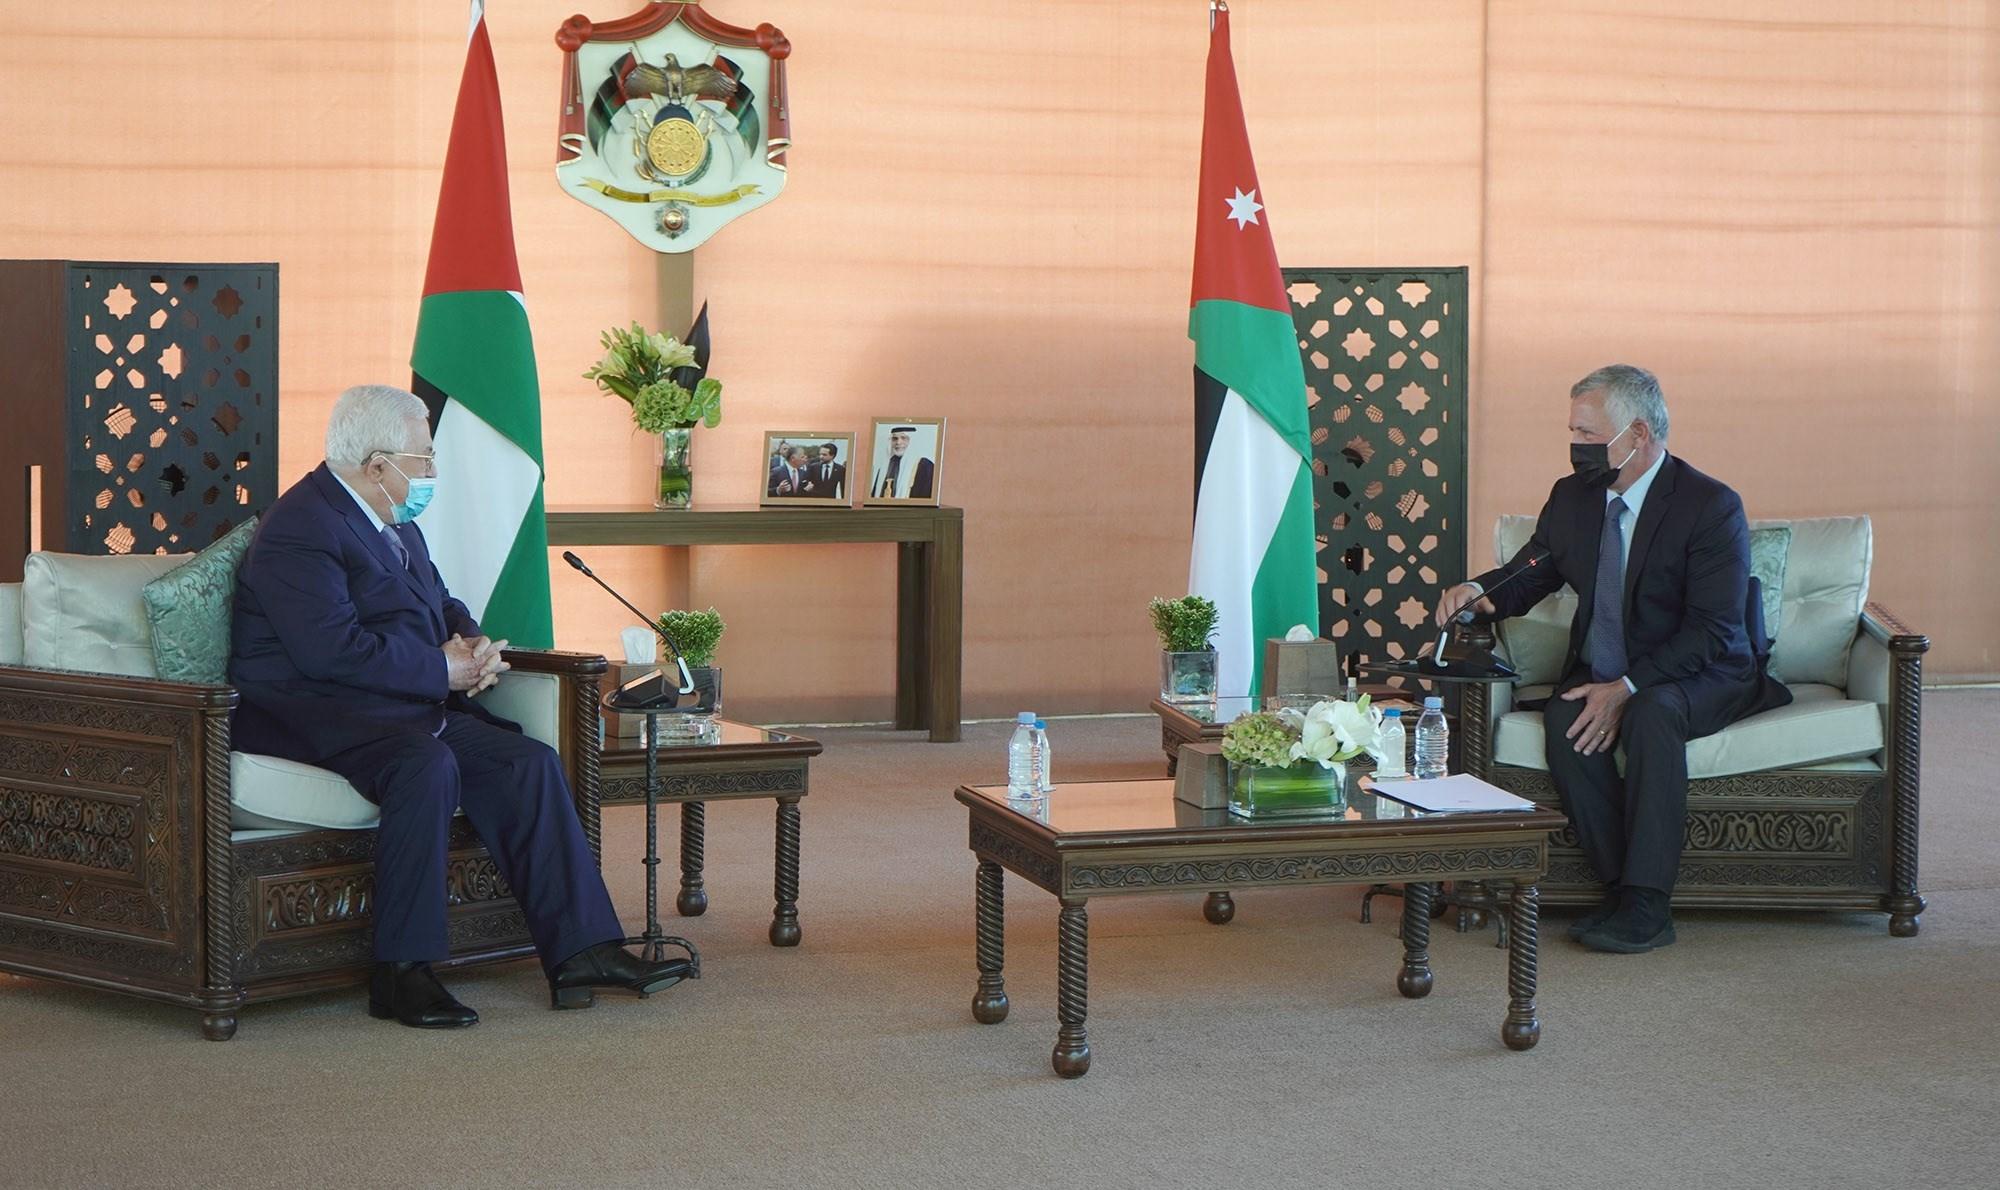 الملك عبدالله الثاني يستقبل الرئيس الفلسطيني محمود عباس في الأردن.